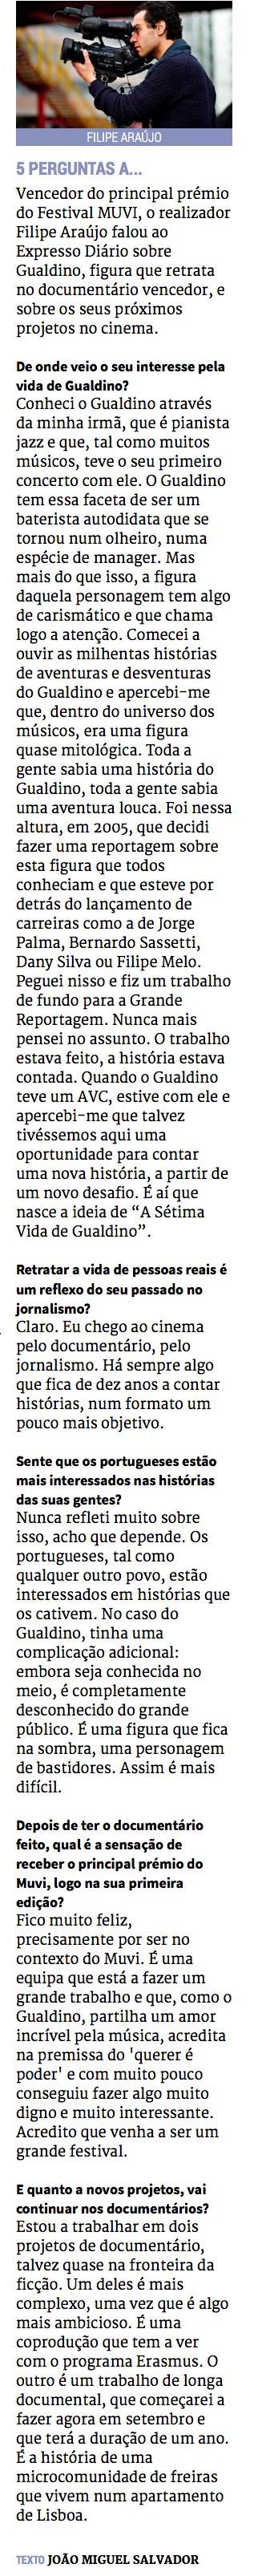 Expresso-Diário